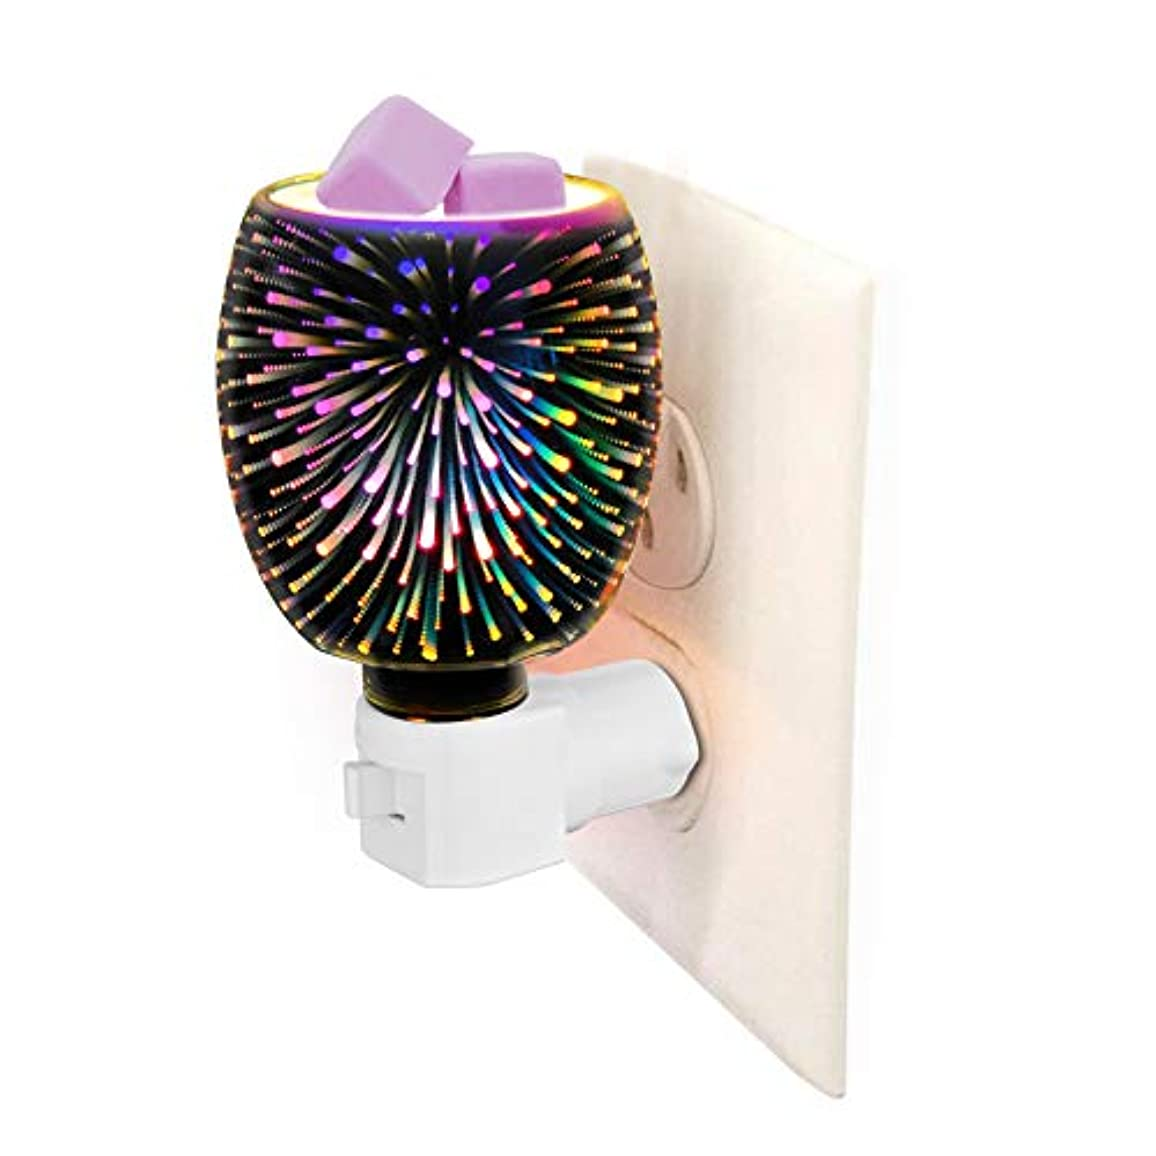 歯要塞転用3D Glass Pluggable Fragrance Warmer- Decorative Plug-in for Warming Scented Candle Wax Melts and Tarts or Essential...